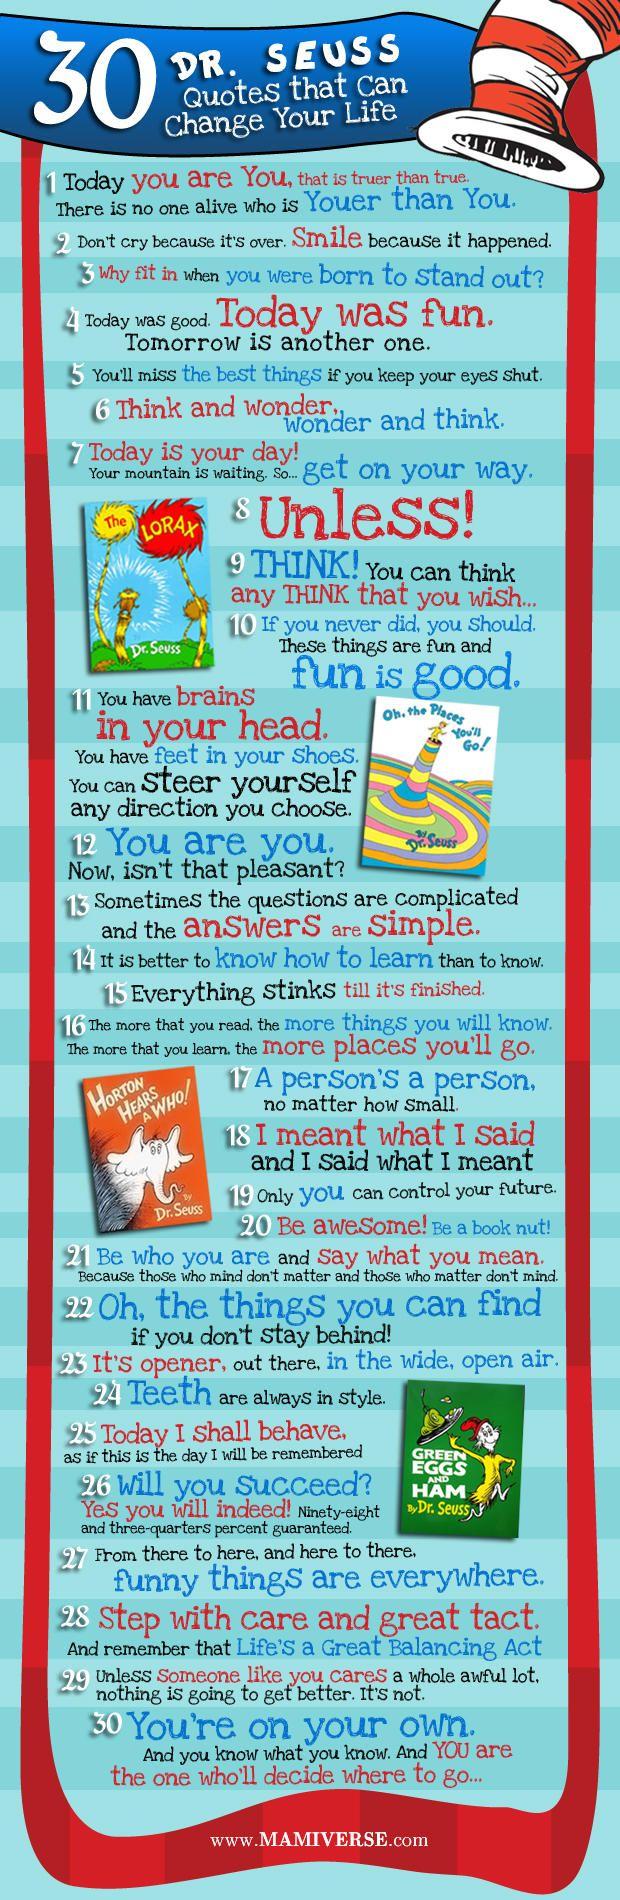 Dr Seuss quotes the wisdom